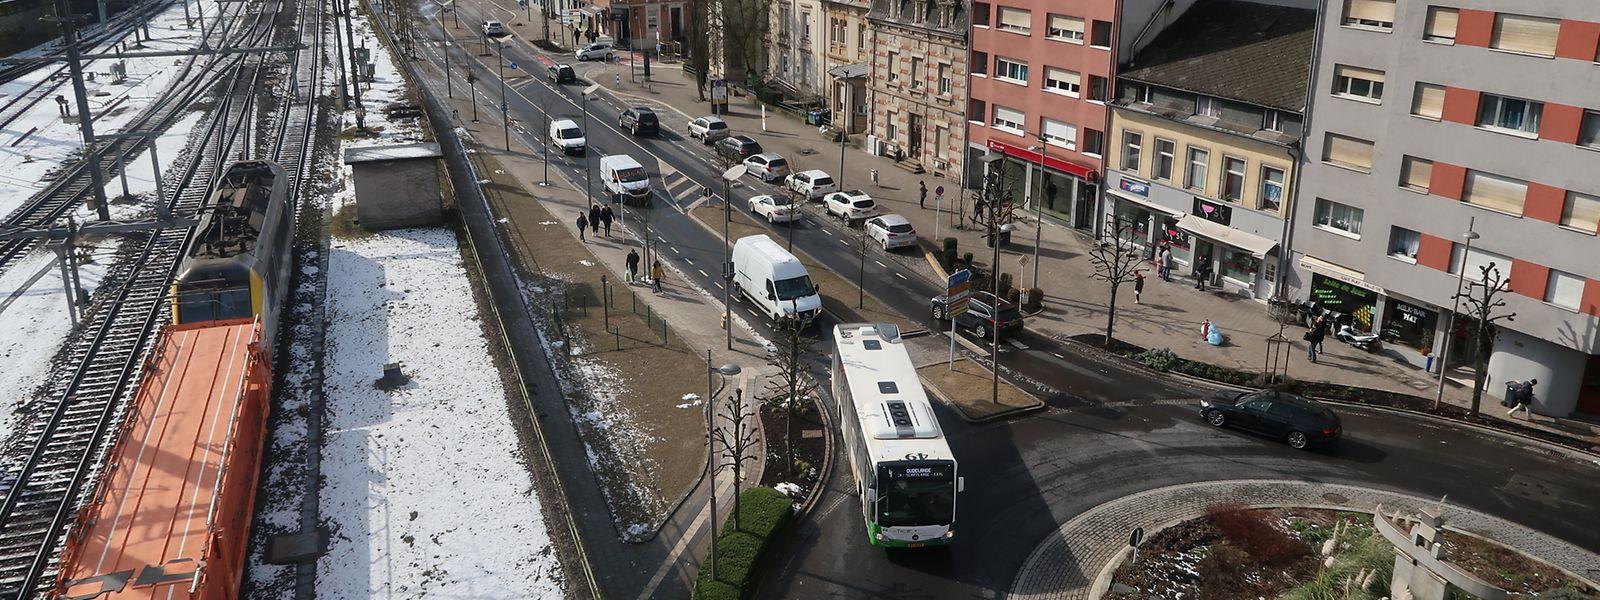 Escher Einwohner müssen sich auf eine Reihe Änderungen in Sachen Parking vorbereiten. So werden zum Beispiel die Preise für Parkvignetten in Zukunft gestaffelt.